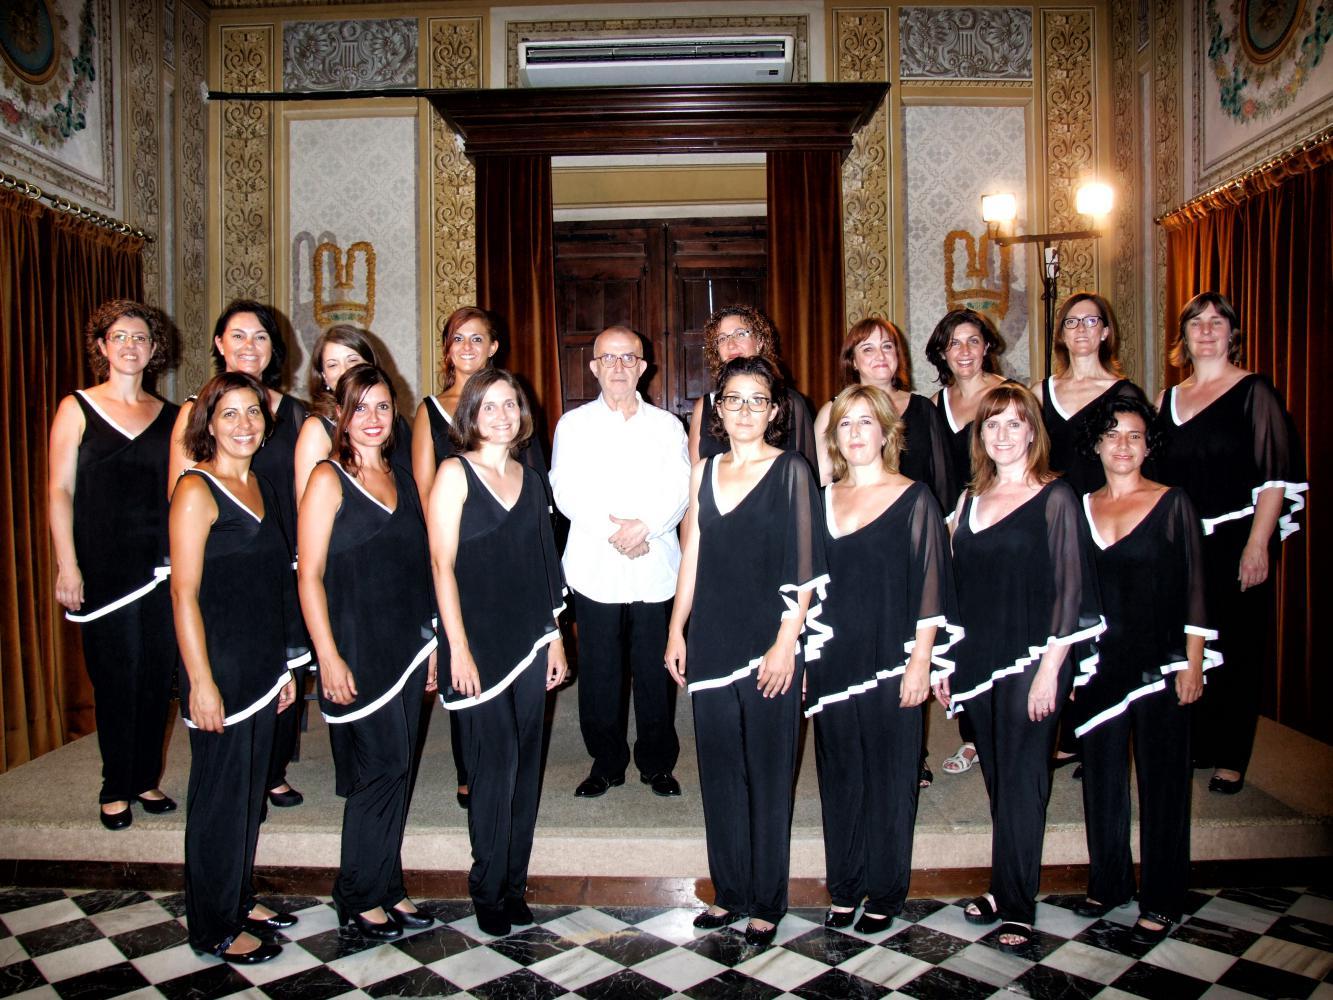 Coro Scherzo · Diana Baker, piano · Jordi Casas, director · Setmana Cantant de Tarragona 2014 · Sala Noble del Conservatorio de Música de la Diputació de Tarragona